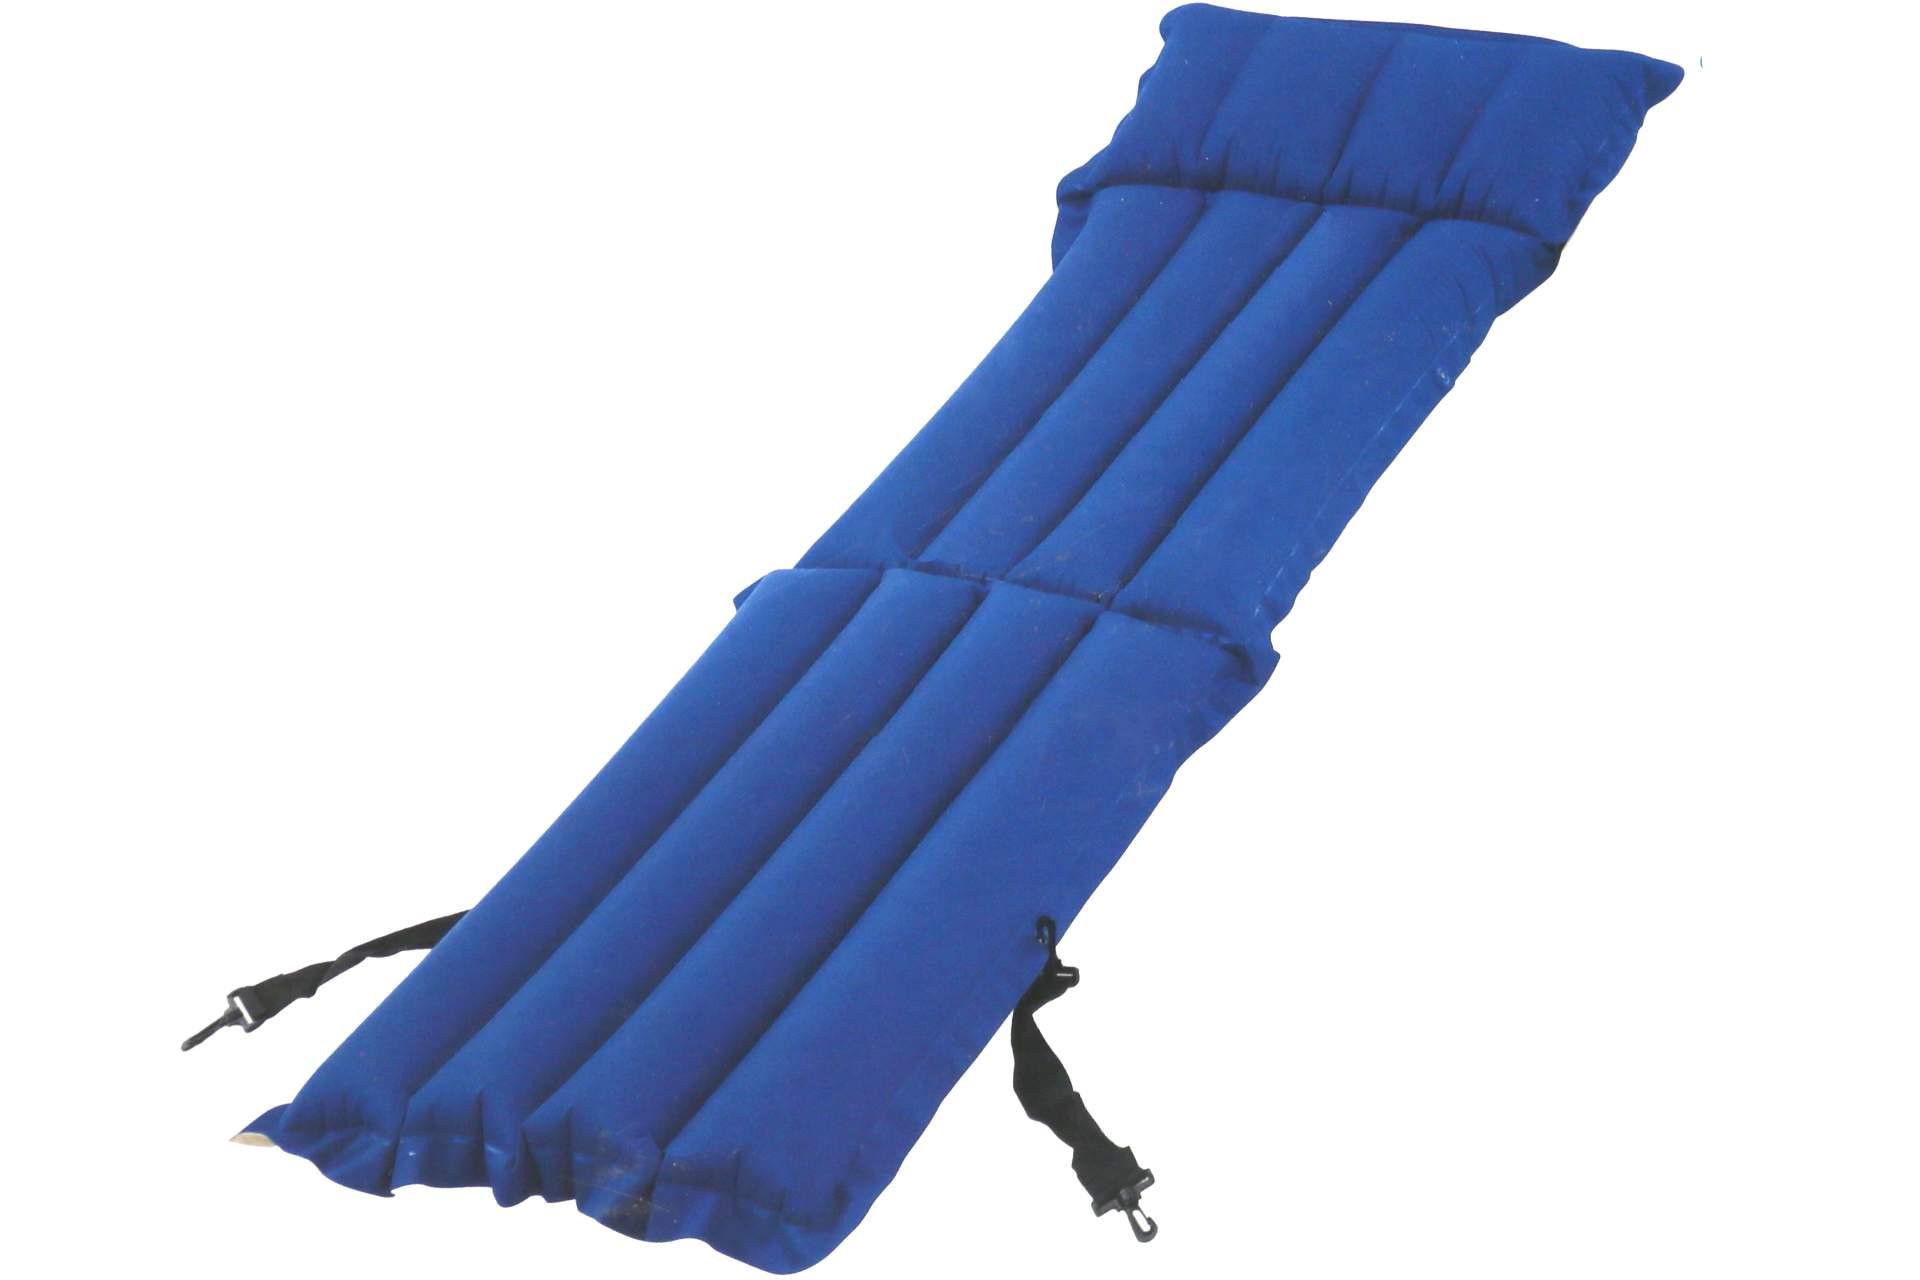 luftmatratze bestway 159 x 53 cm gewebe camping bett matratze luftmatratze luma ebay. Black Bedroom Furniture Sets. Home Design Ideas